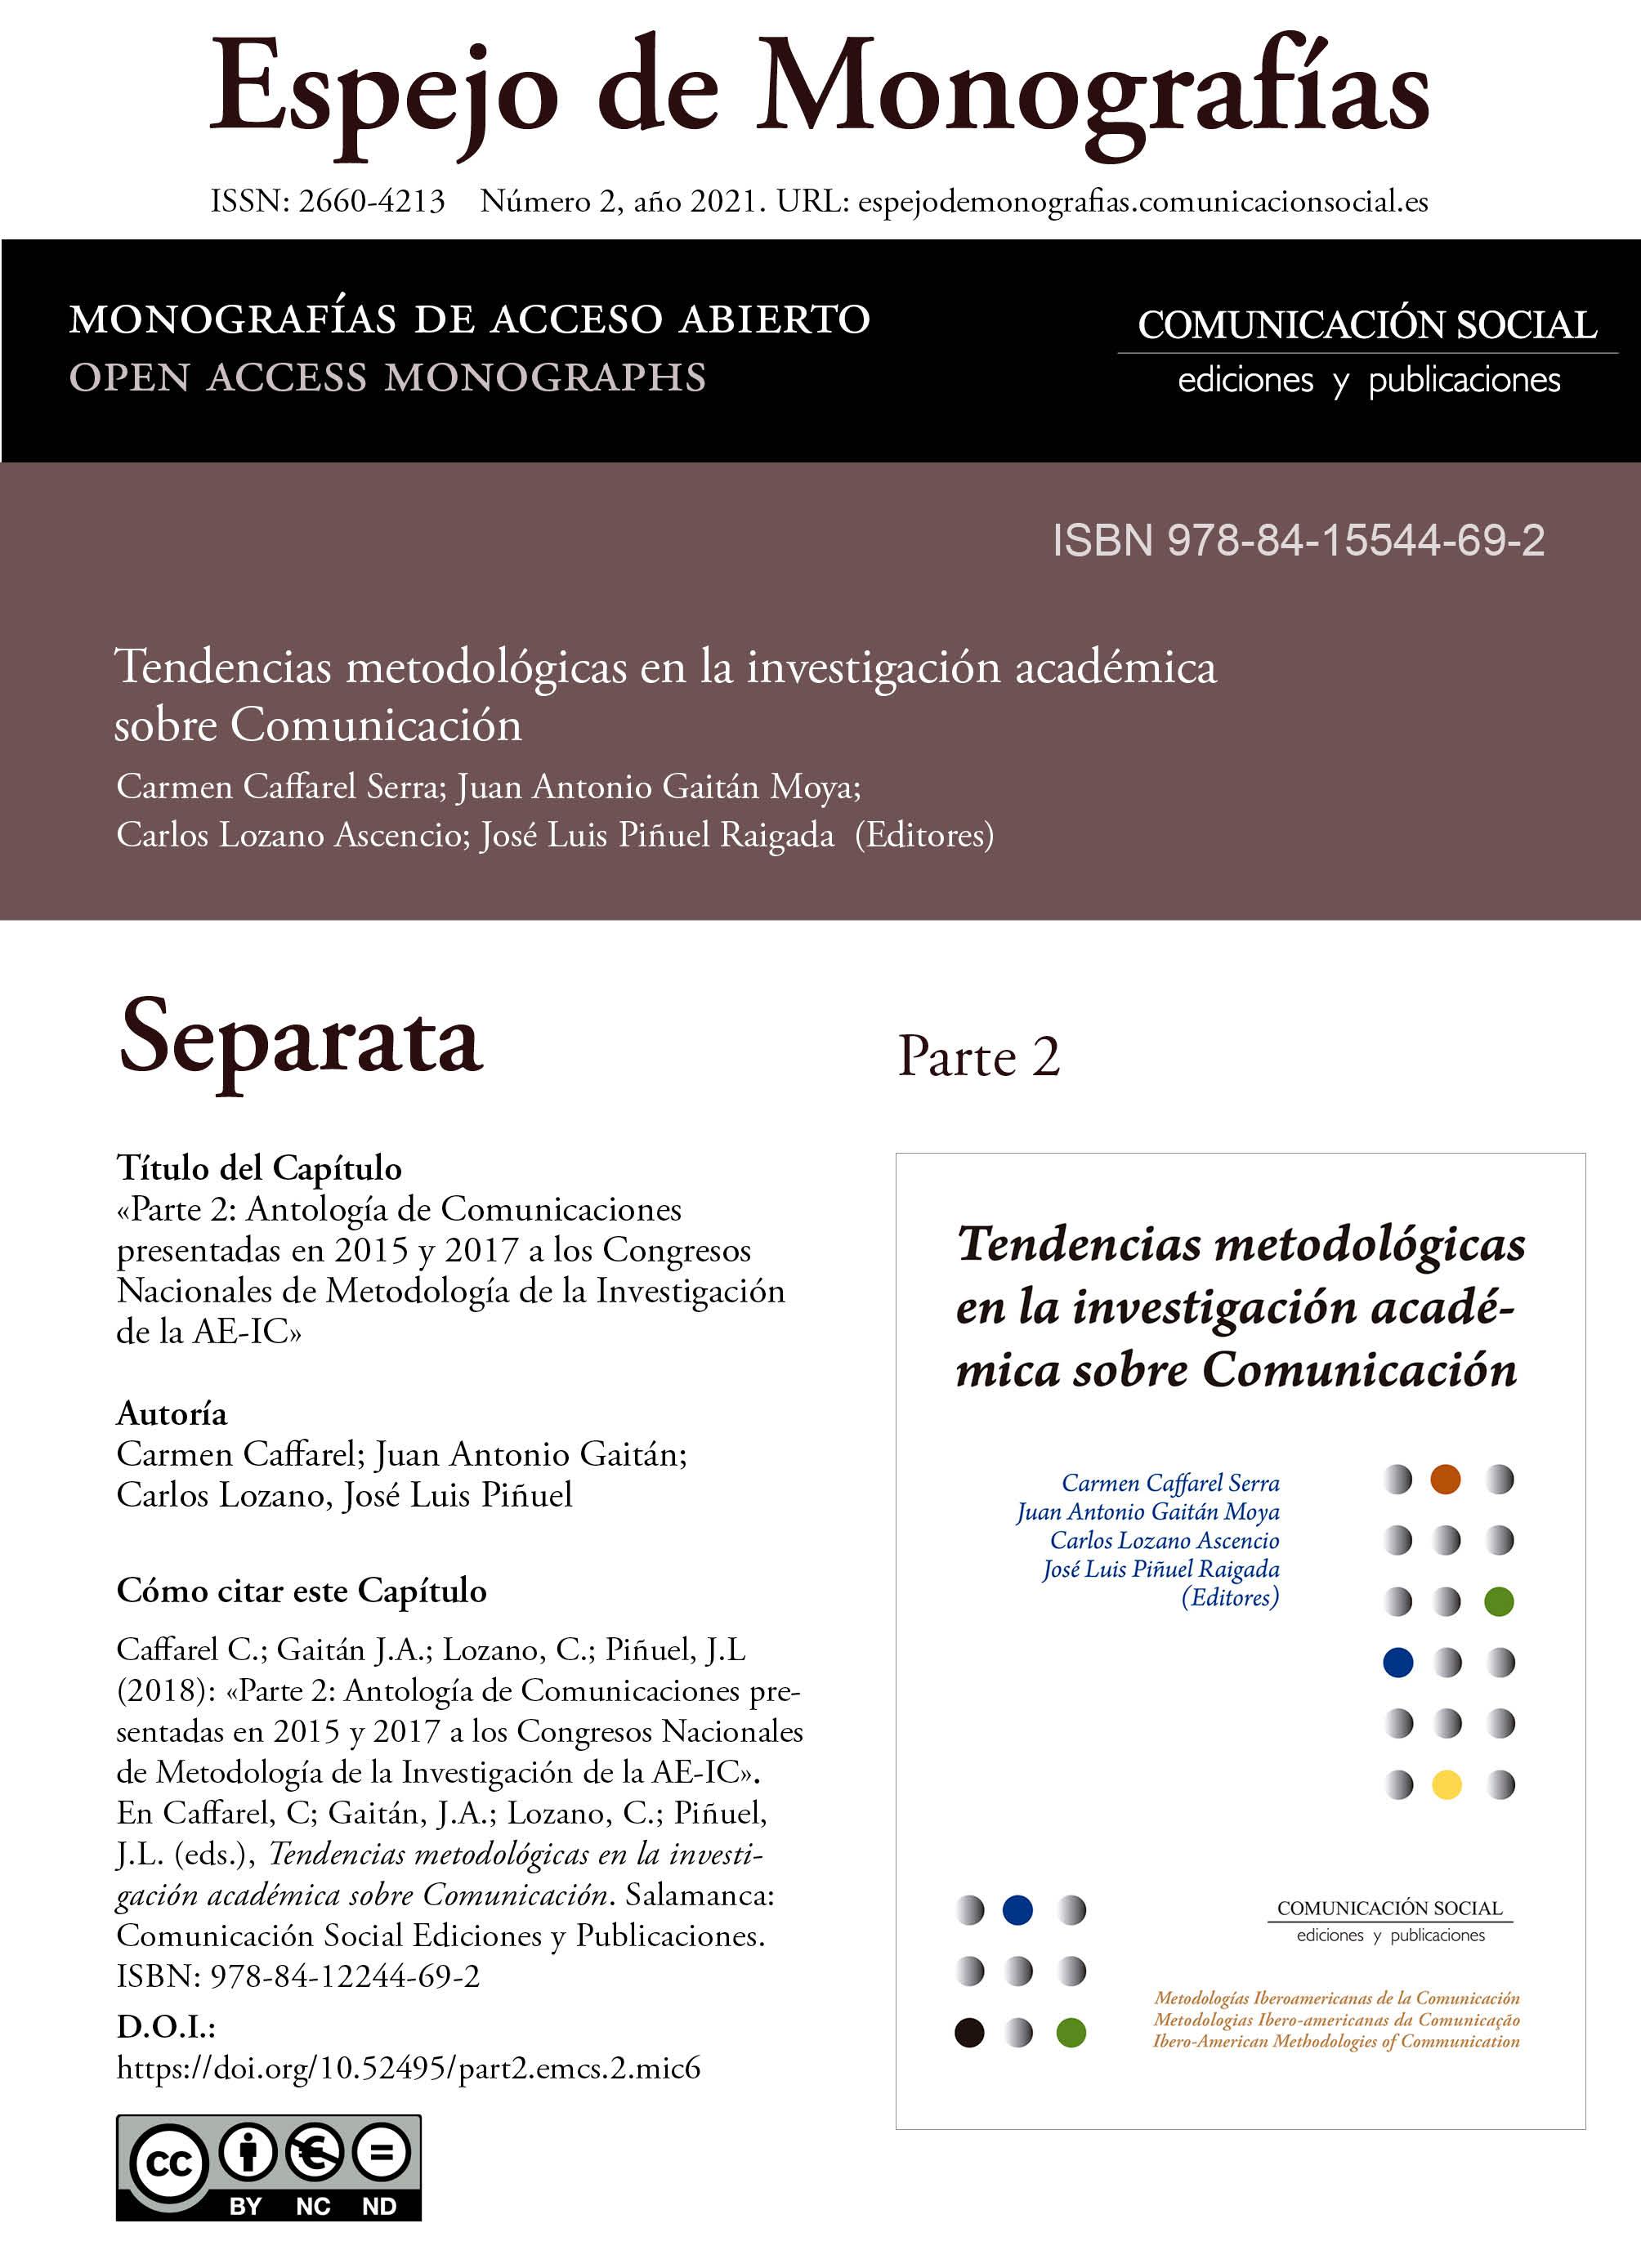 Separata de la Parte 2 correspondiente a la monografía Tendencias metodológicas en la investigación académica en Comunicación